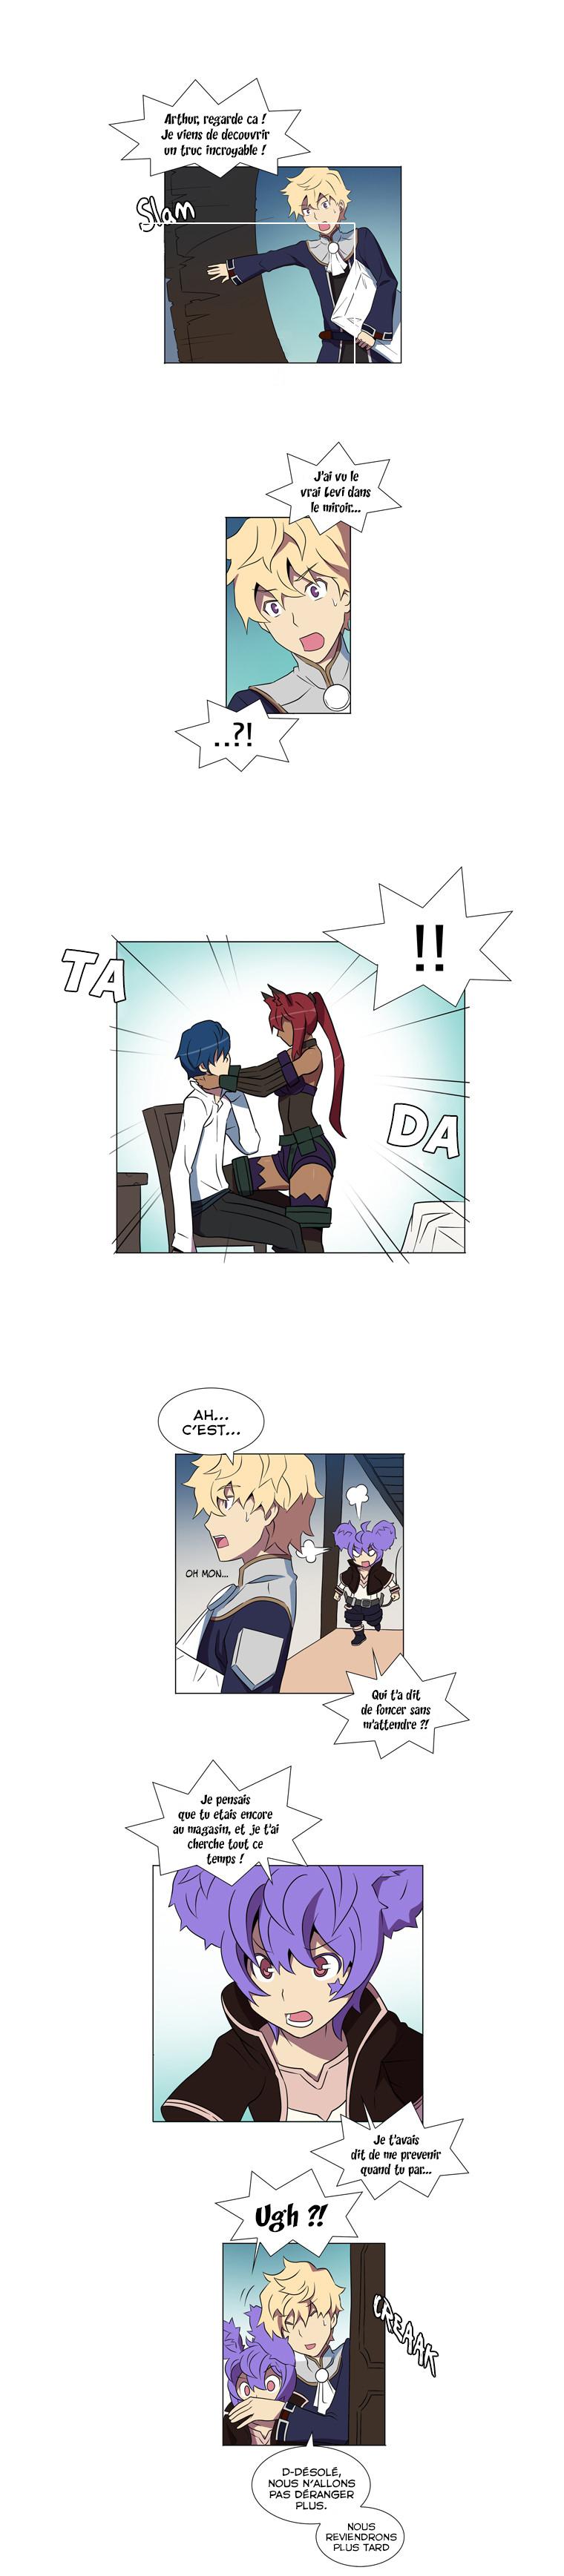 https://nine.mangadogs.com/fr_manga/pic1/5/2053/74646/LimeOdyssey12VF_0_490.jpg Page 1